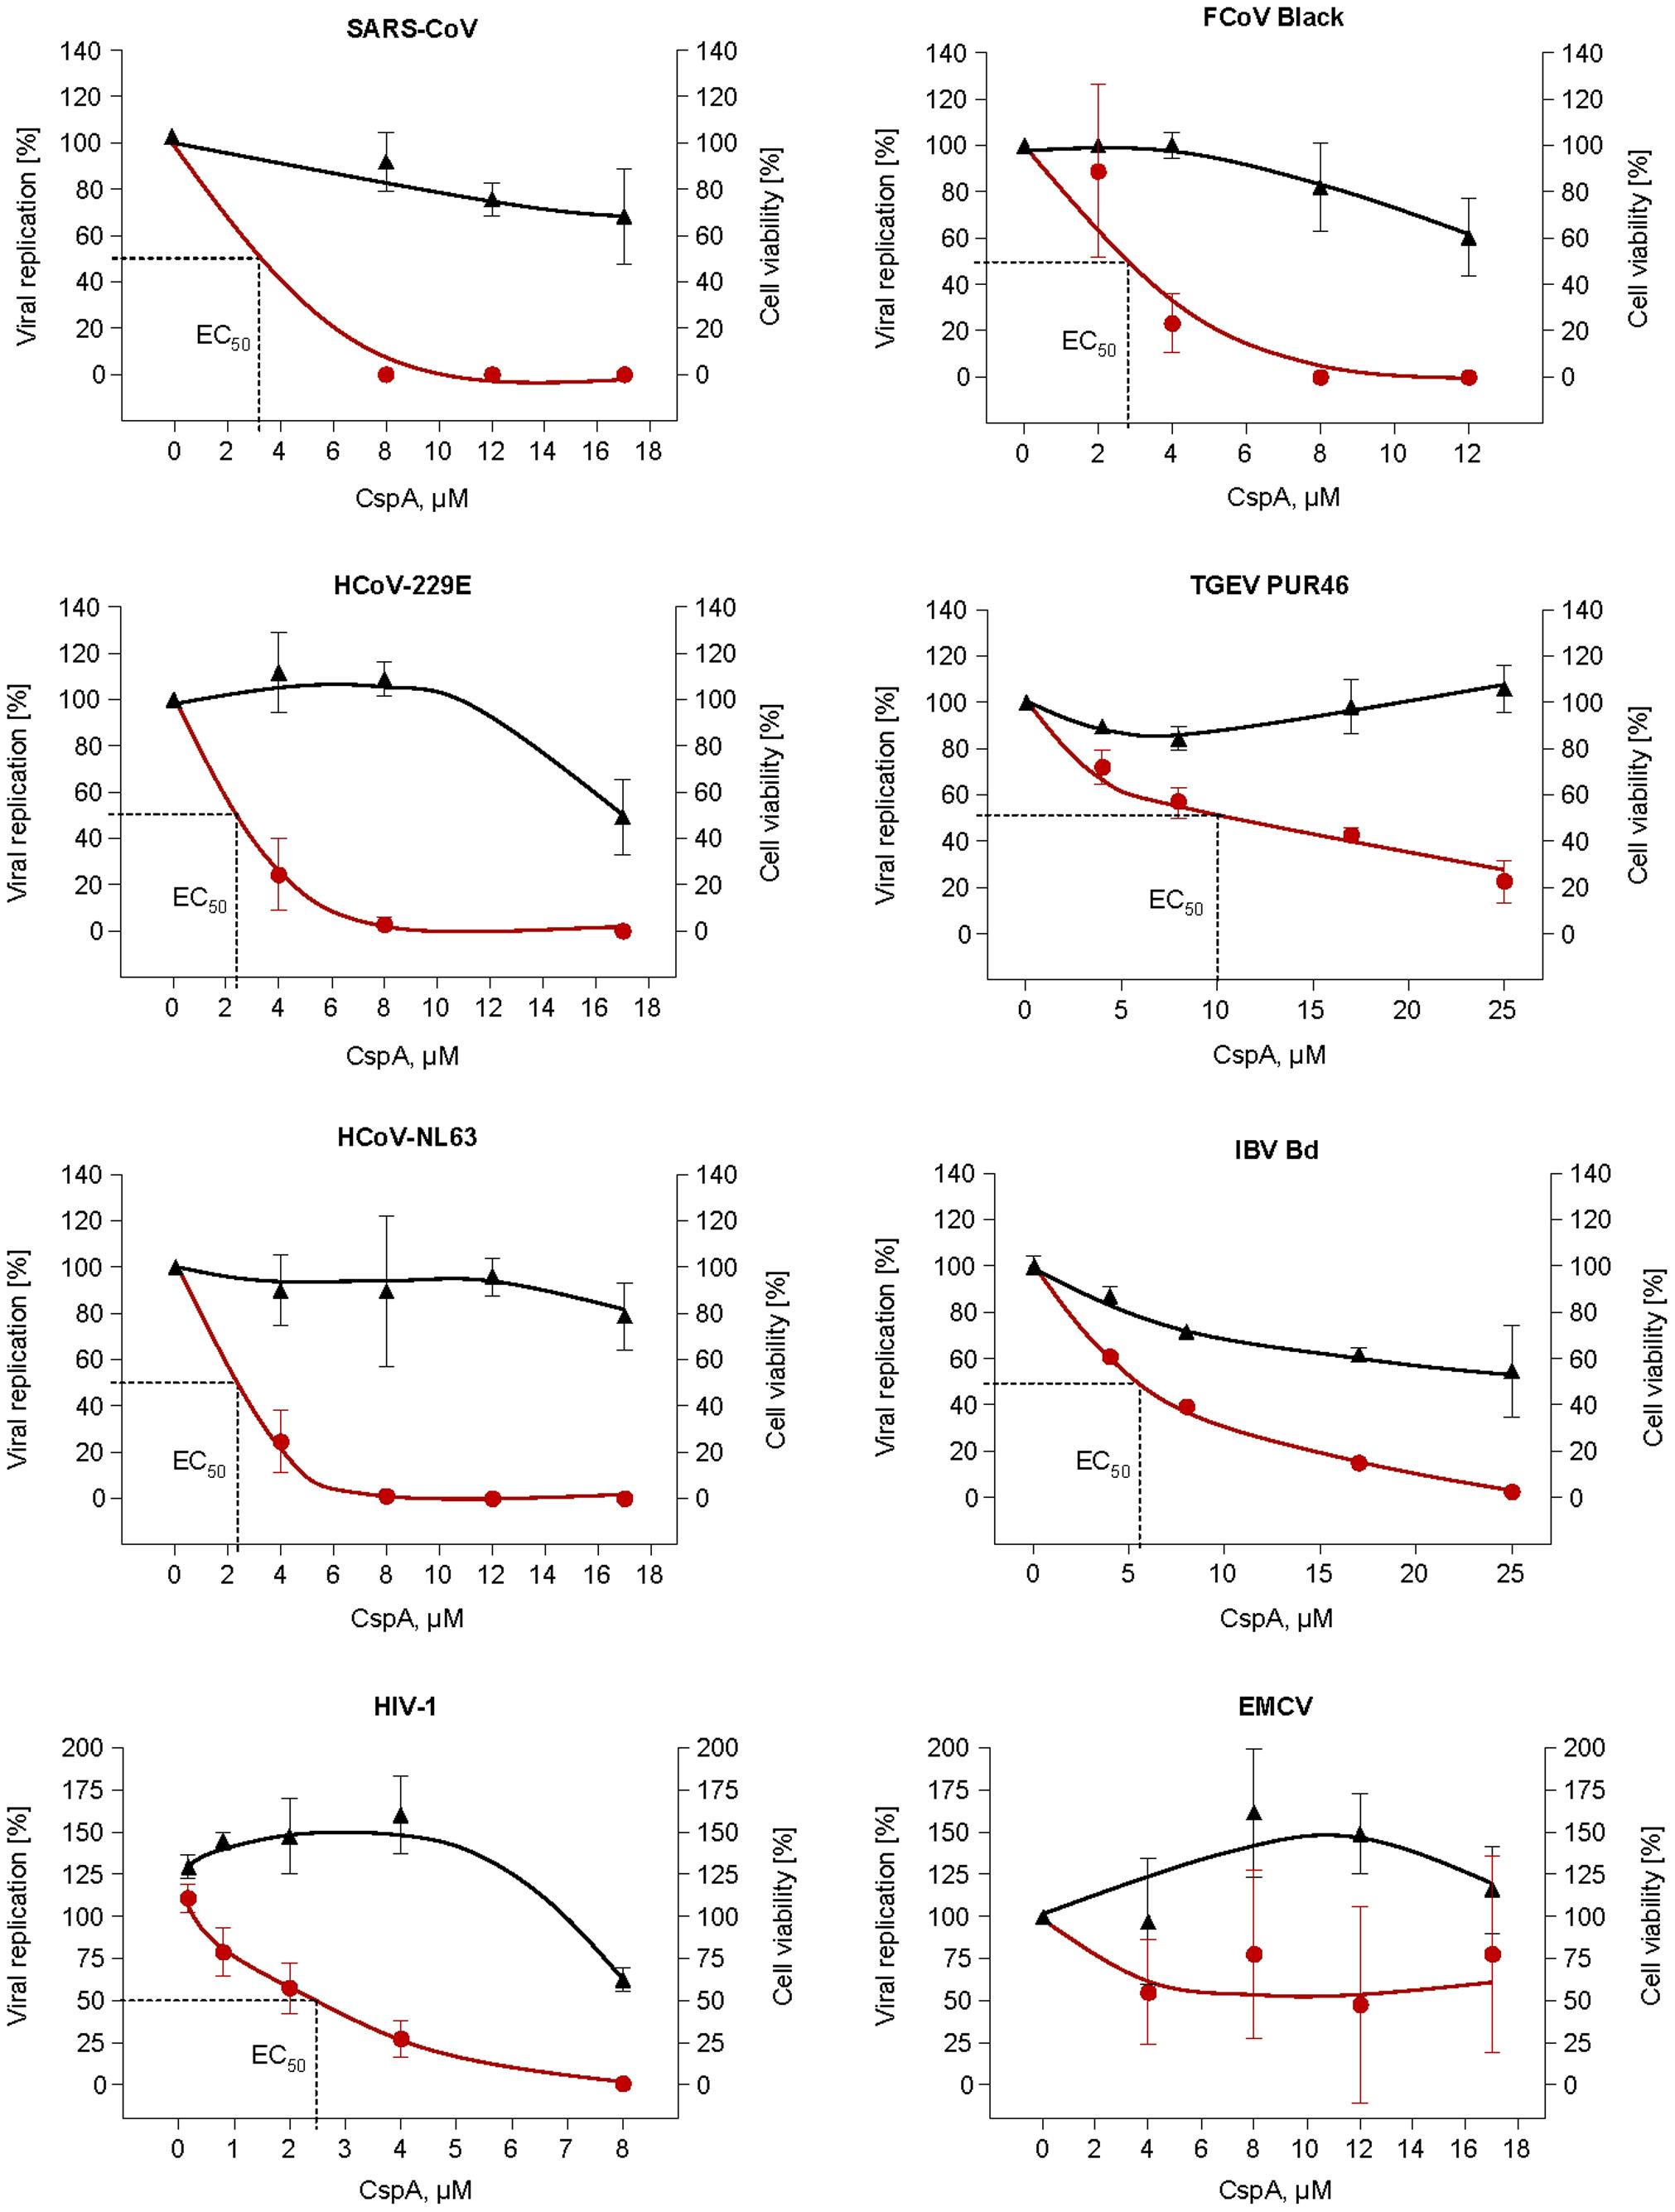 Effect of Cyclosporin A on human (SARS-CoV, HCoV-229E-luc and HCoV-NL63), animal CoV (FCoV, TGEV, IBV) and control virus (HIV-1/EMCV) replication.